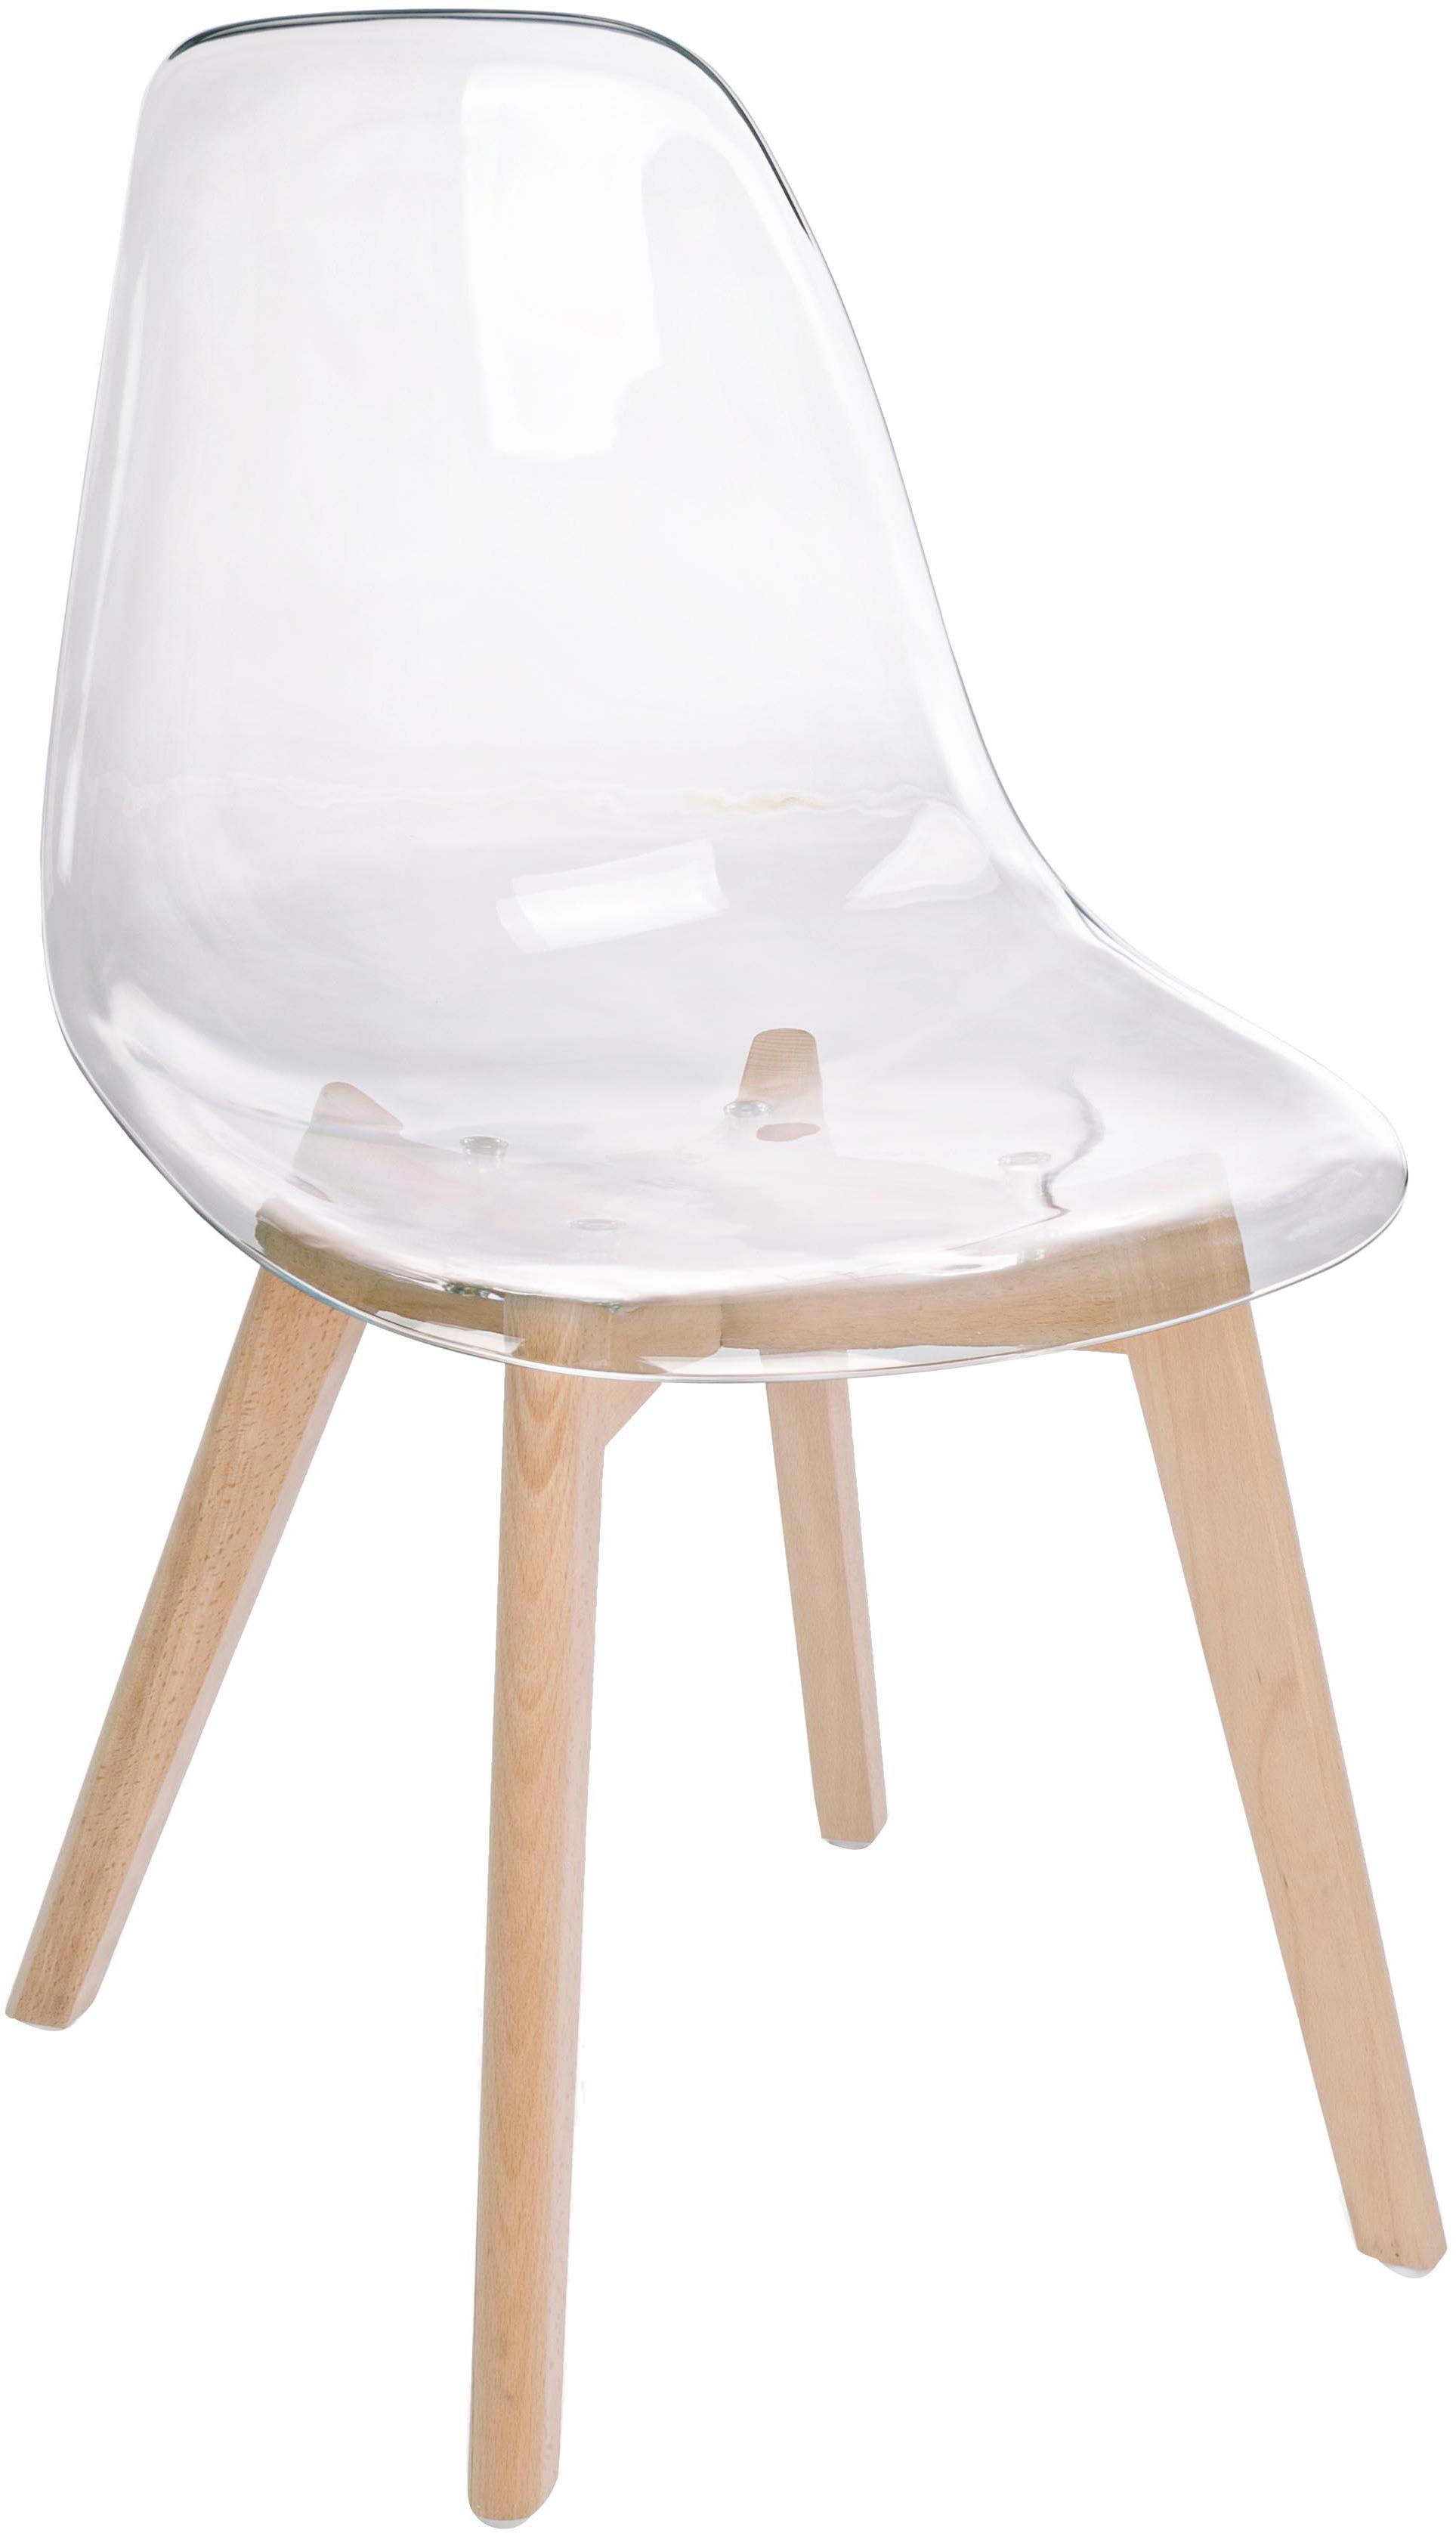 Sillas Easy, 2uds., Asiento: plástico, Patas: madera de haya, Transparente, madera de haya, An 51 x F 47 cm